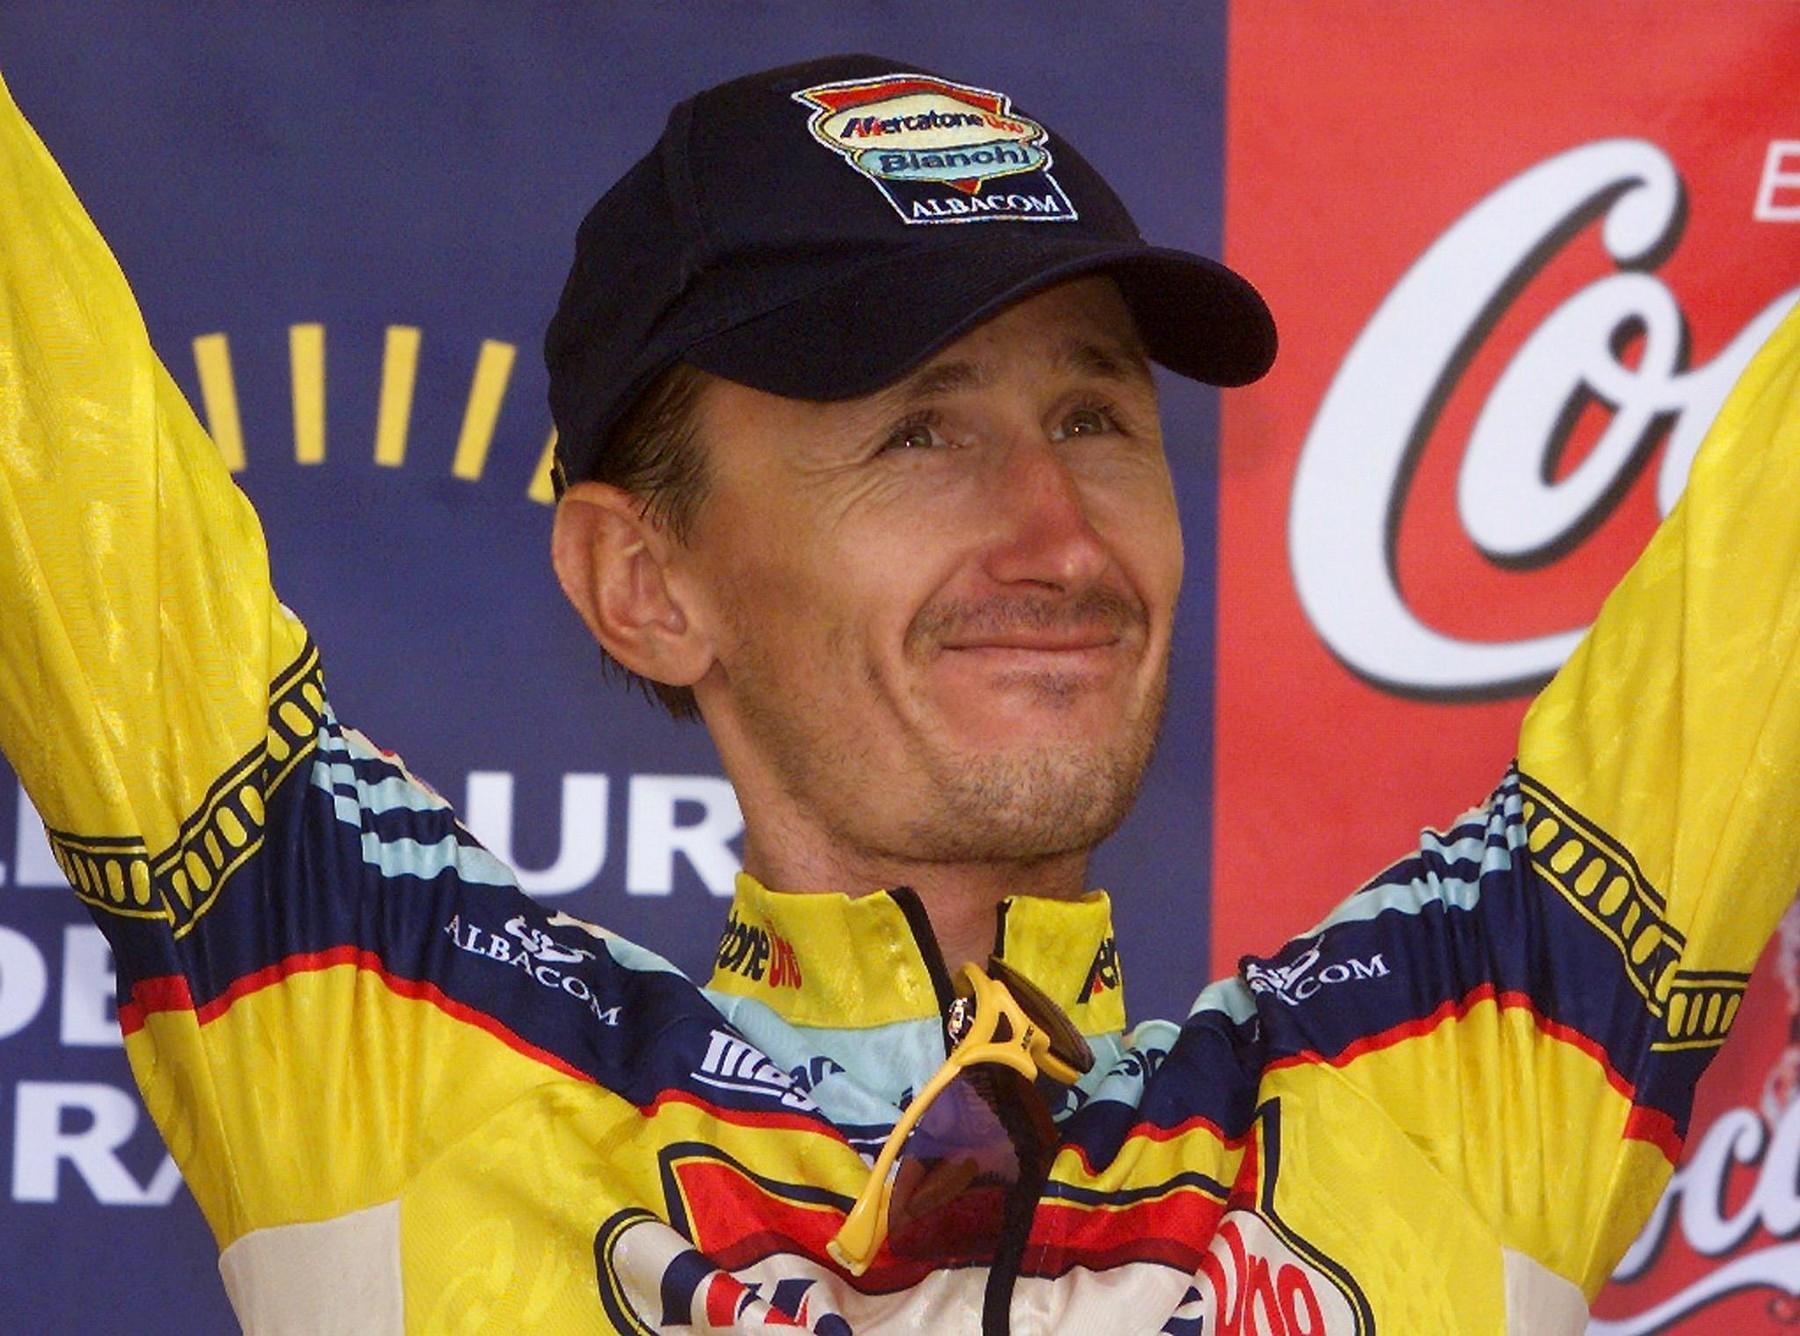 Dimitrij Konyšev po jednom z triumfů na Tour de France, z nichž první slavil hned při debutu v roce 1990. Foto: profimedia